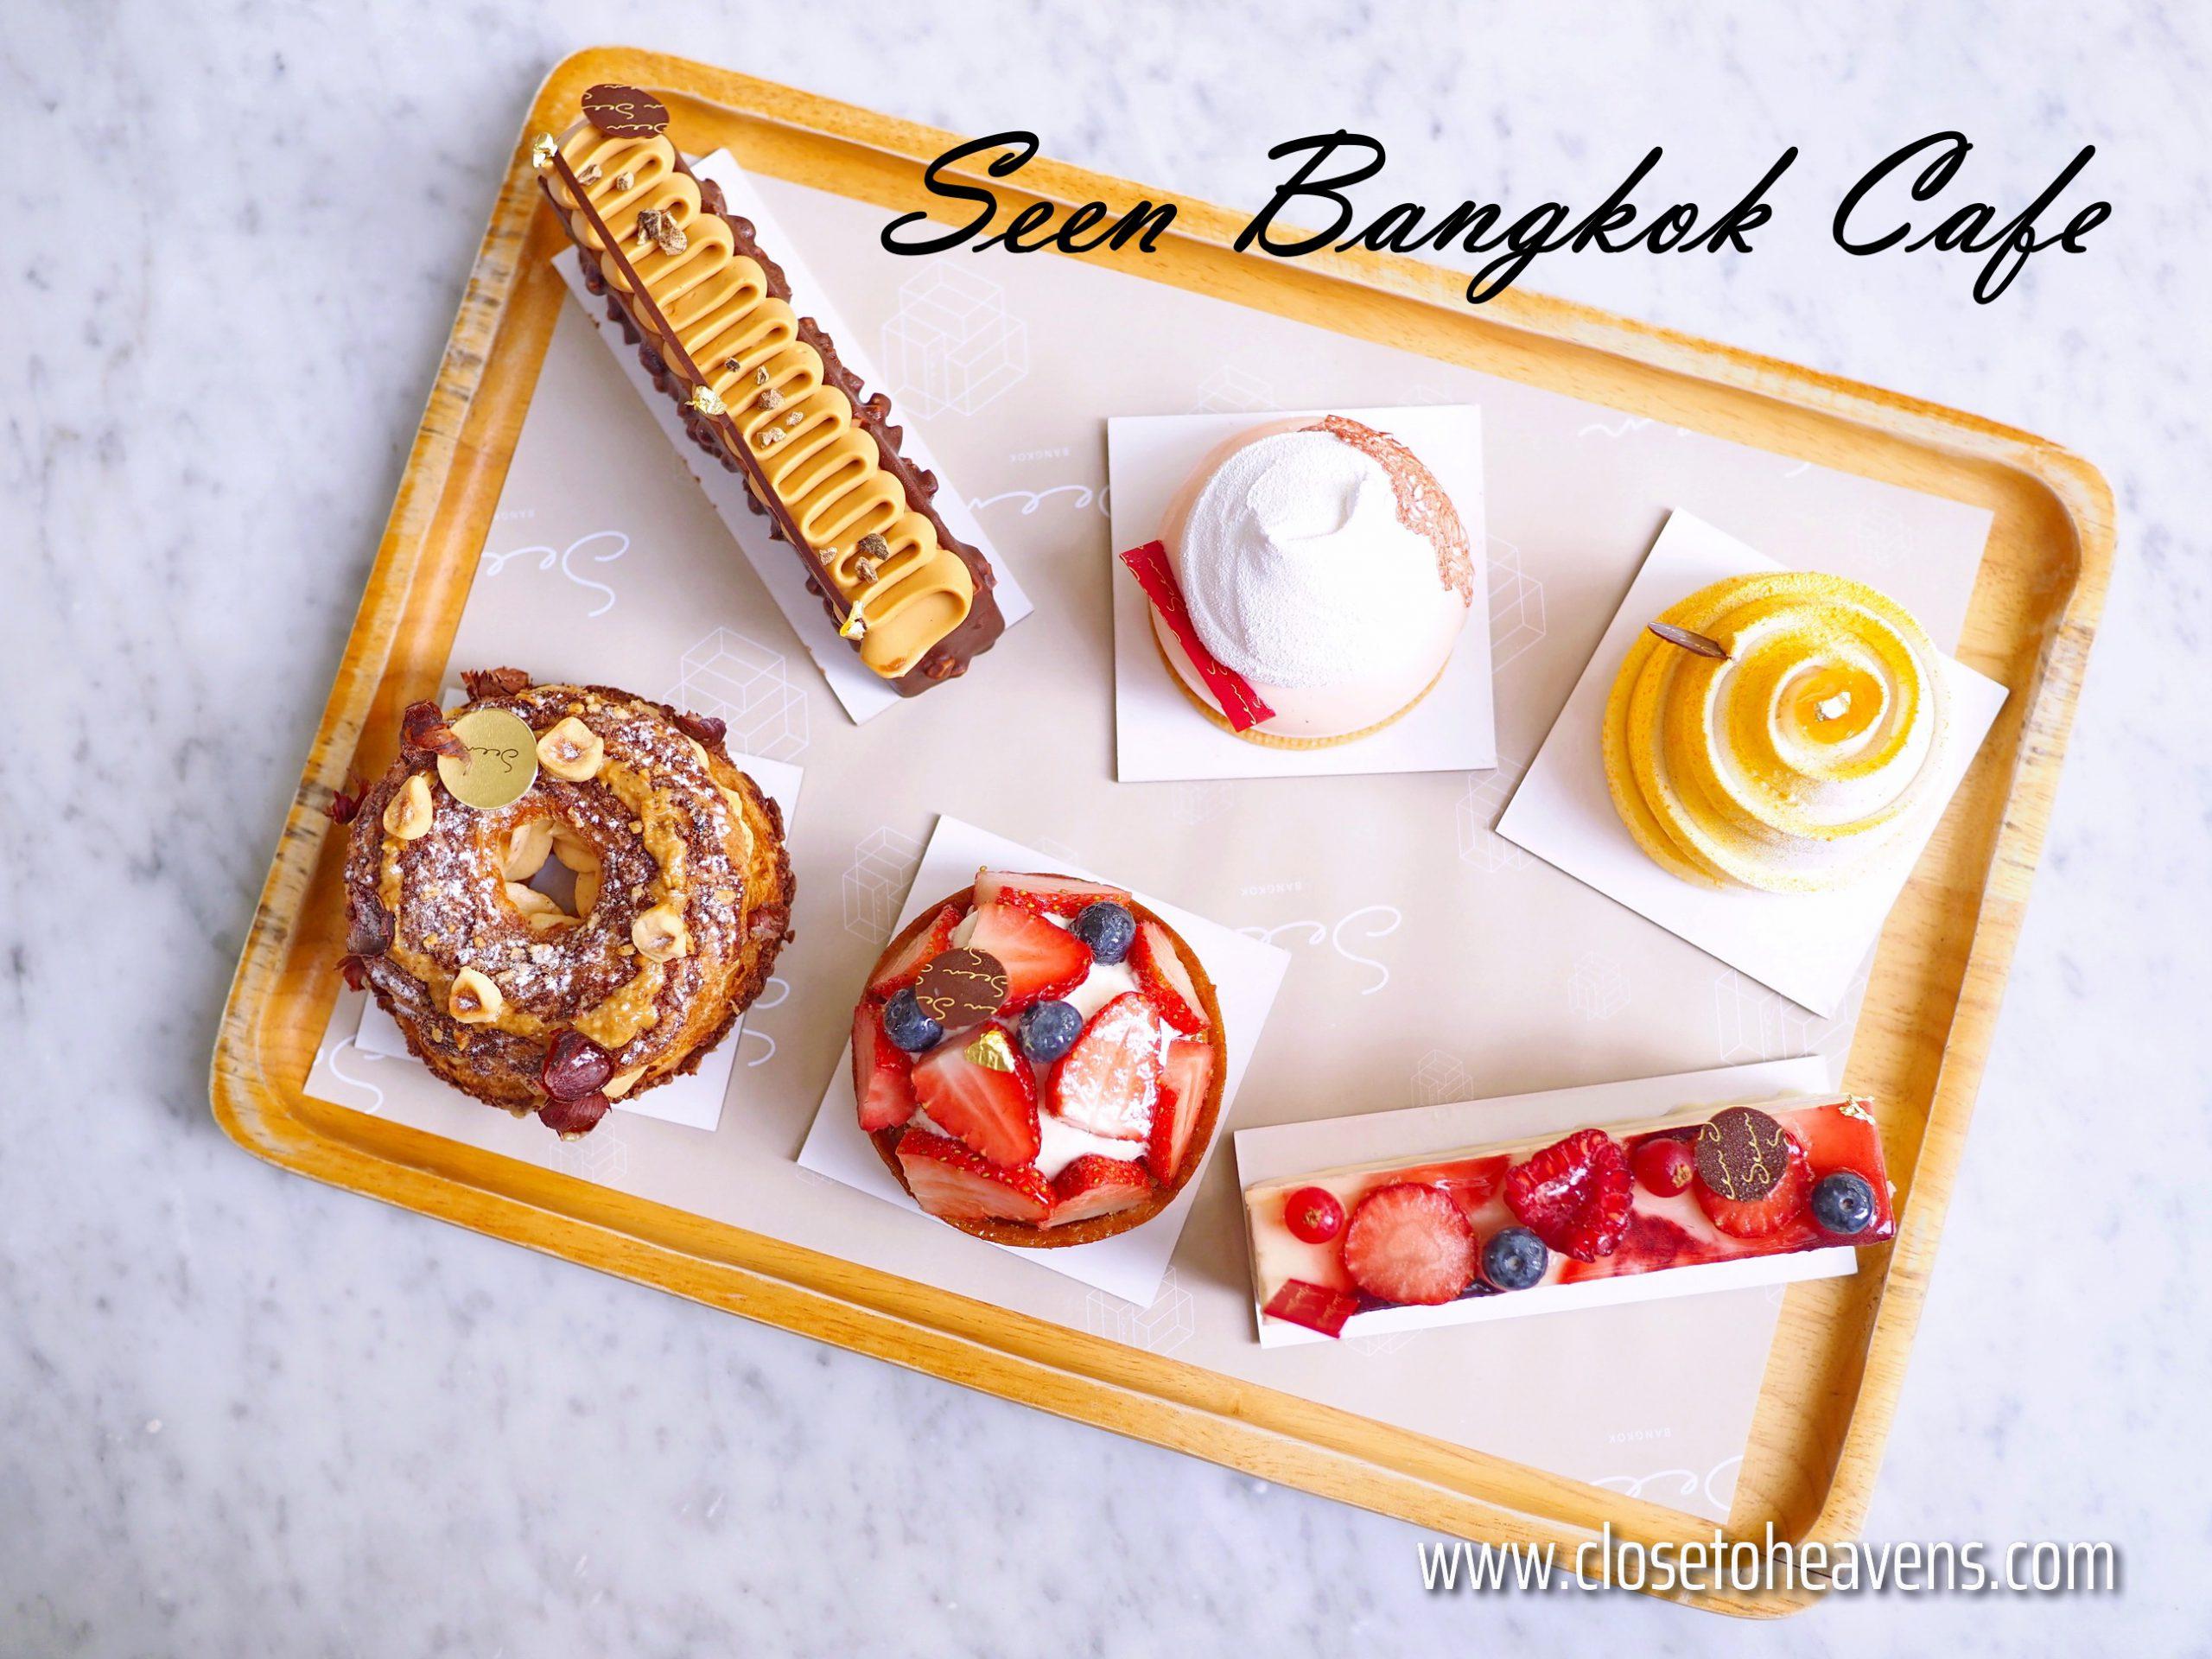 Seen Bangkok Cafe พุทธมณฑลสาย 2